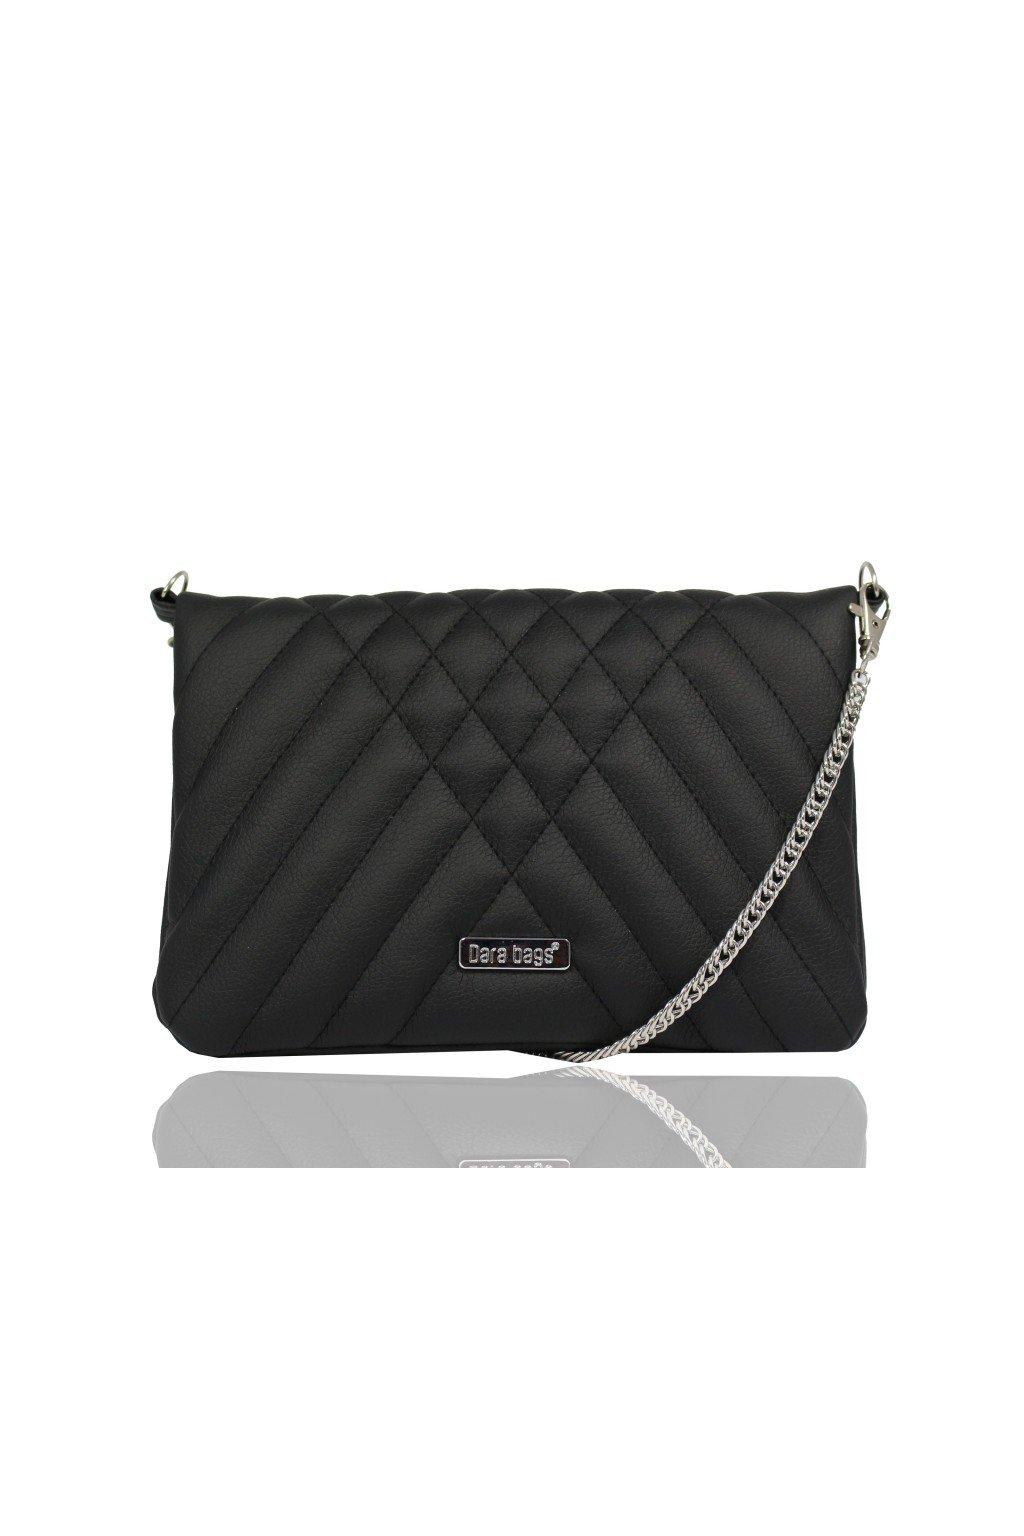 Elegantní malá kabelka Cocktail Chick Dara bags černá 1